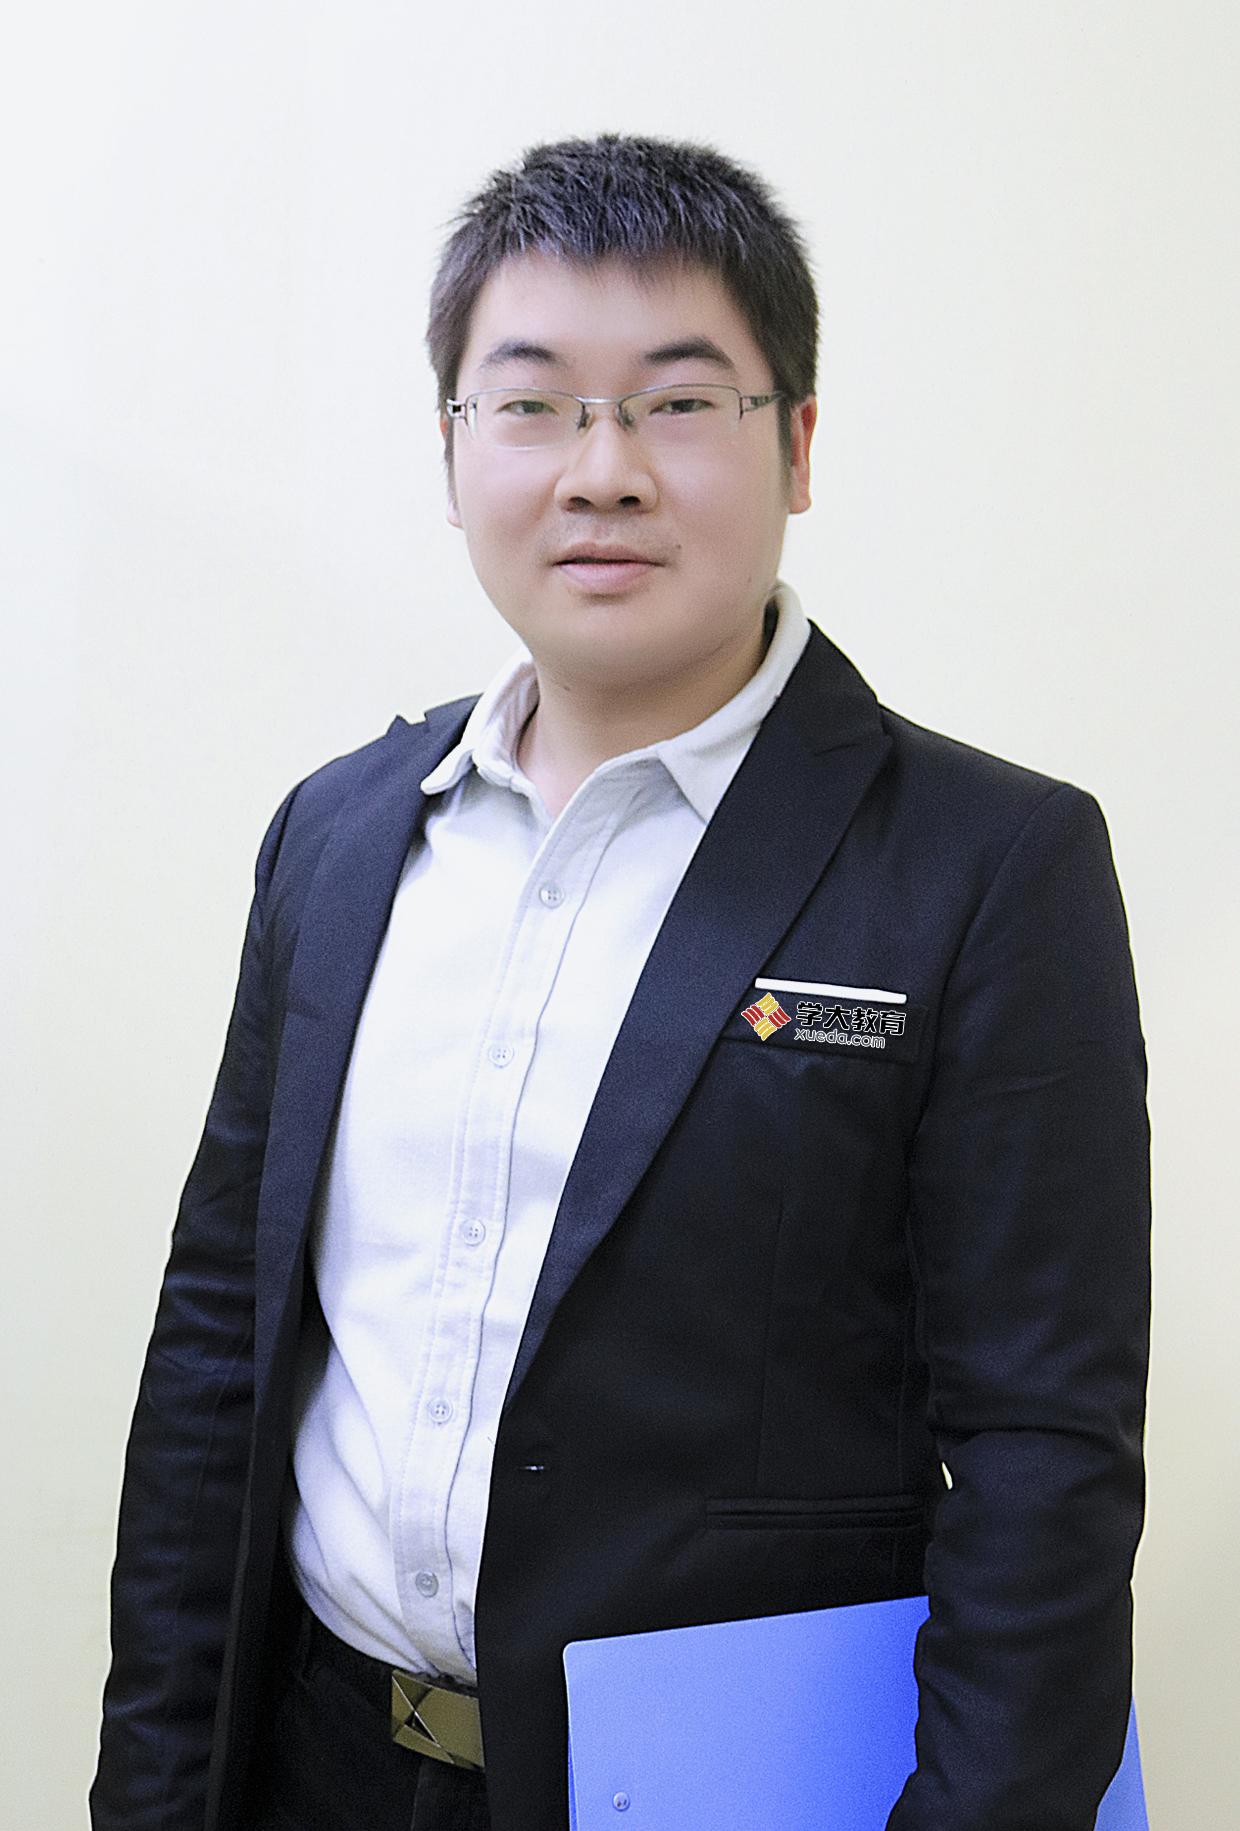 绍兴家教盛海峰老师